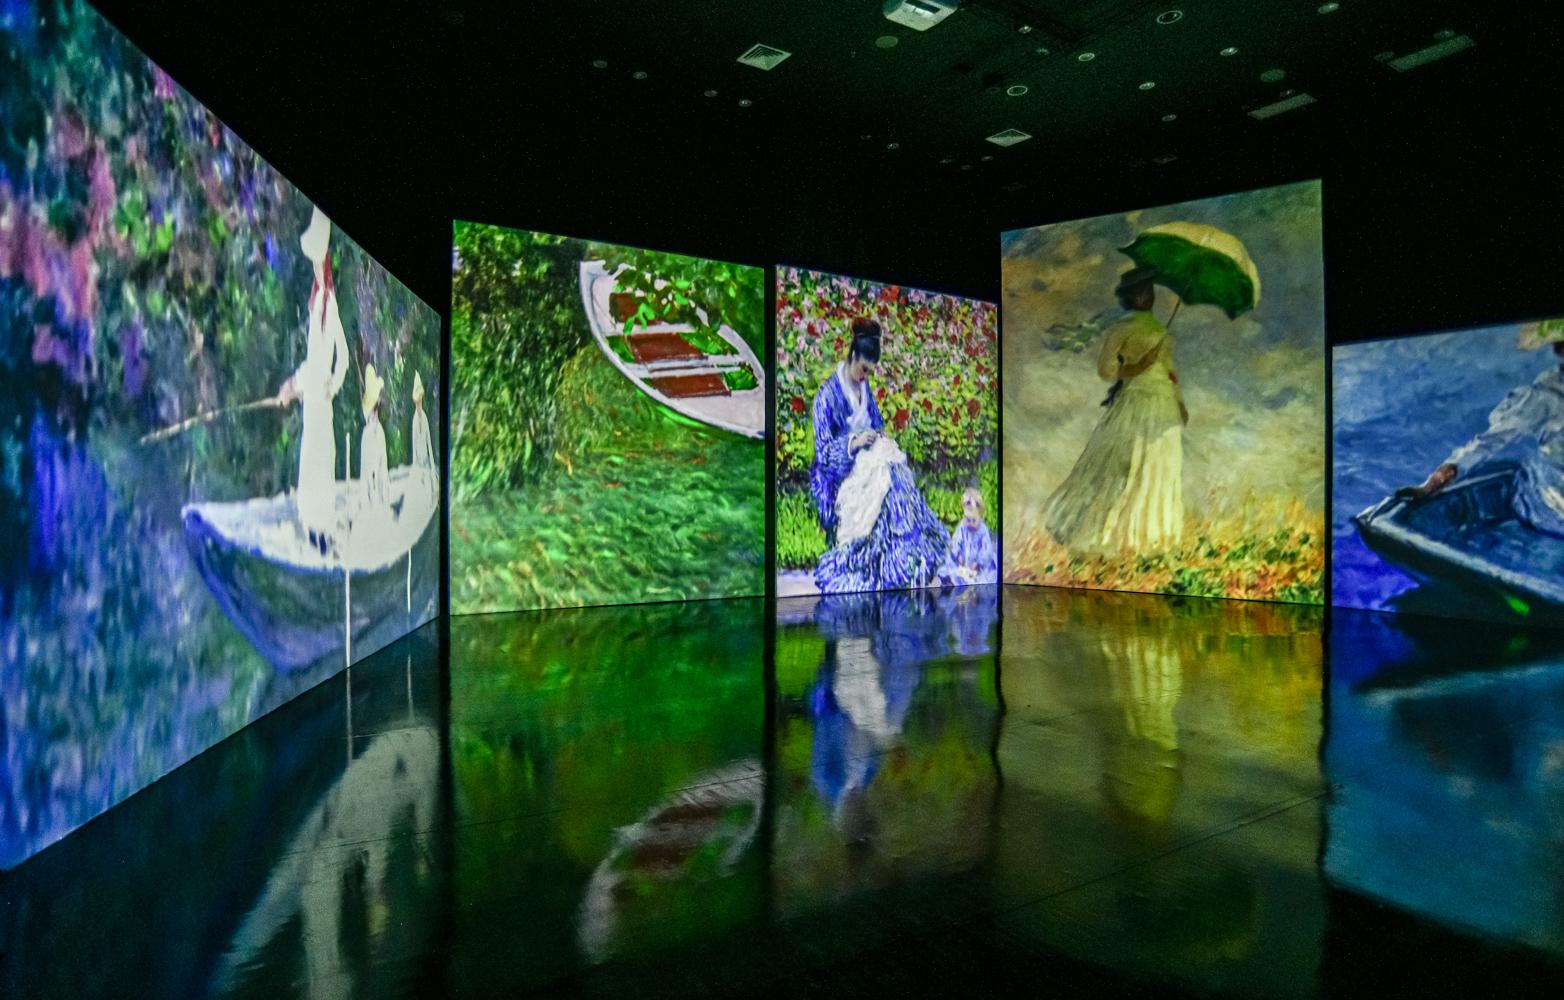 Mostra interativa sobre Claude Monet está em cartaz no Shopping Pátio Higienópolis